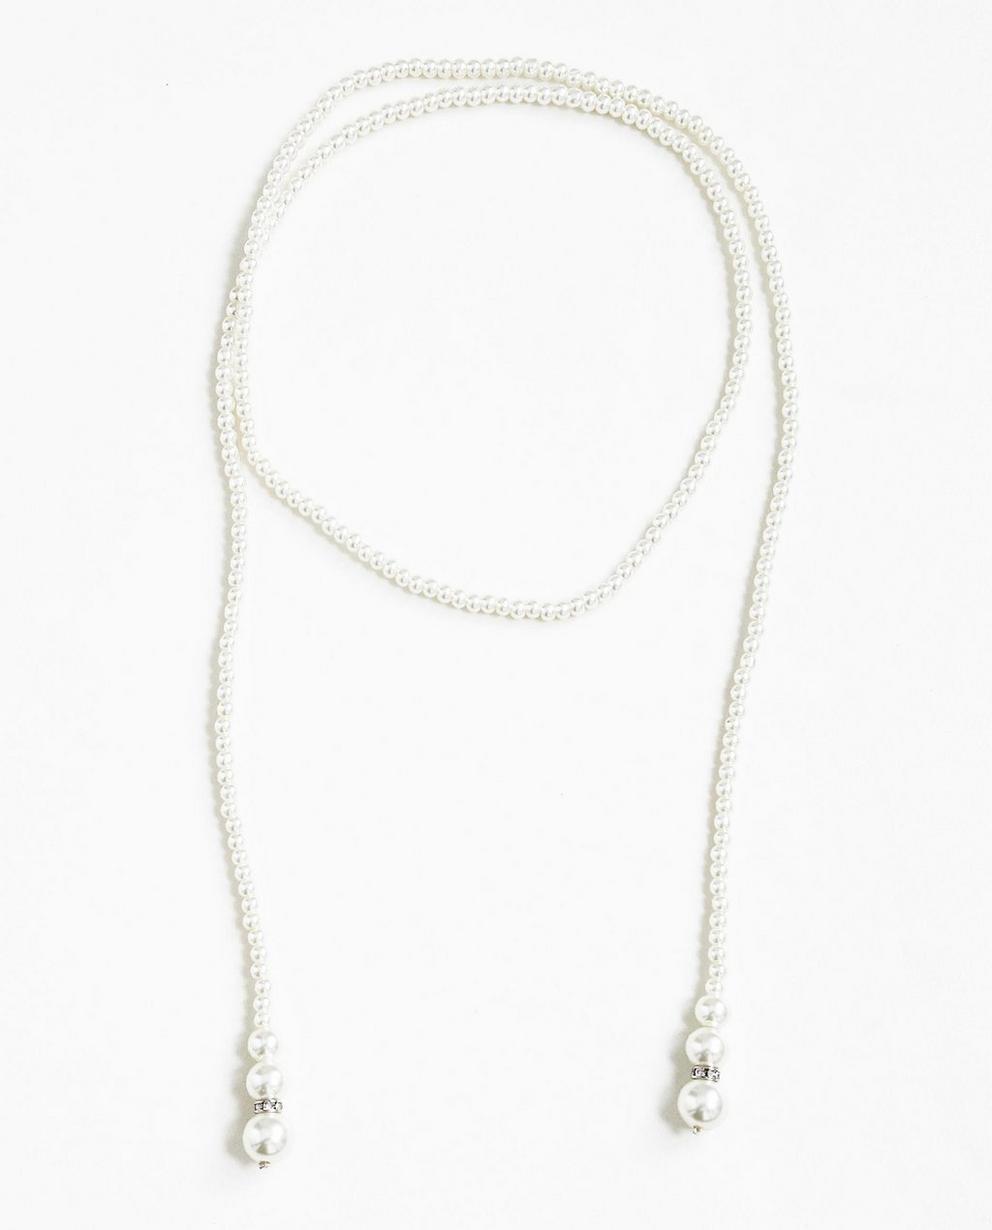 Lange Halskette - mit weißen Perlen - Milla Star